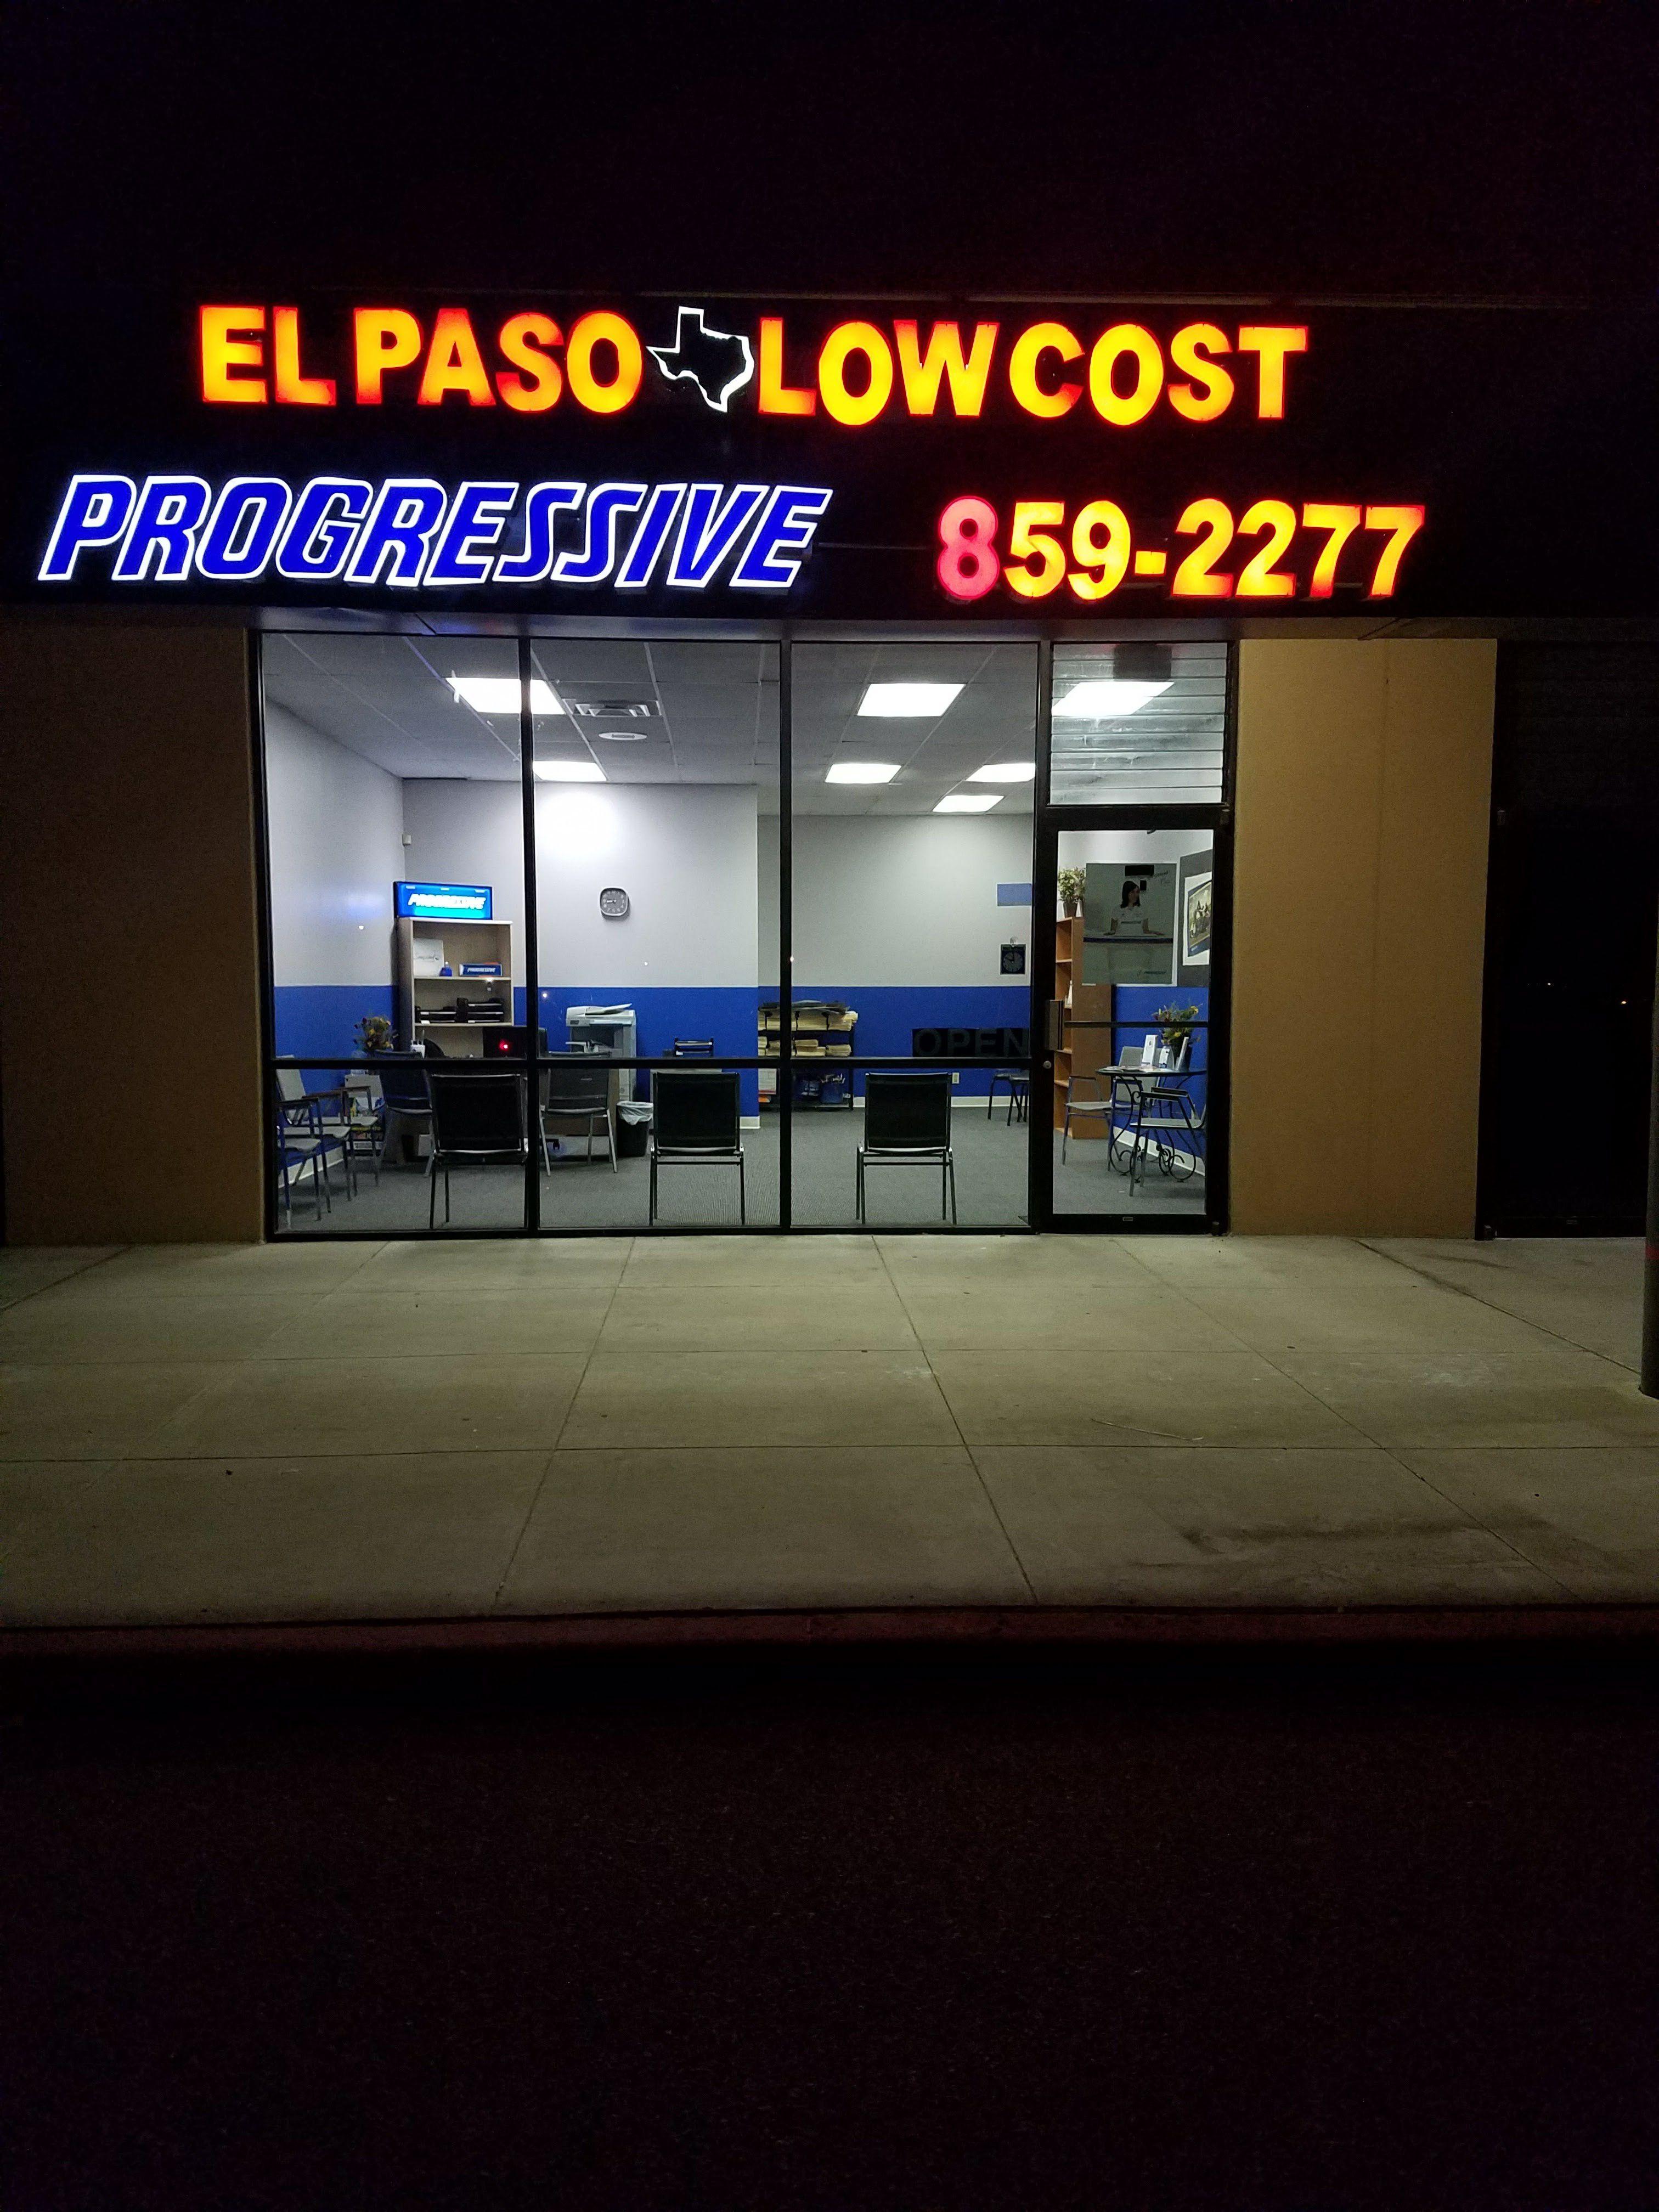 Go Auto Insurance Quote Home  Ei Paso Low Cost Auto Ins